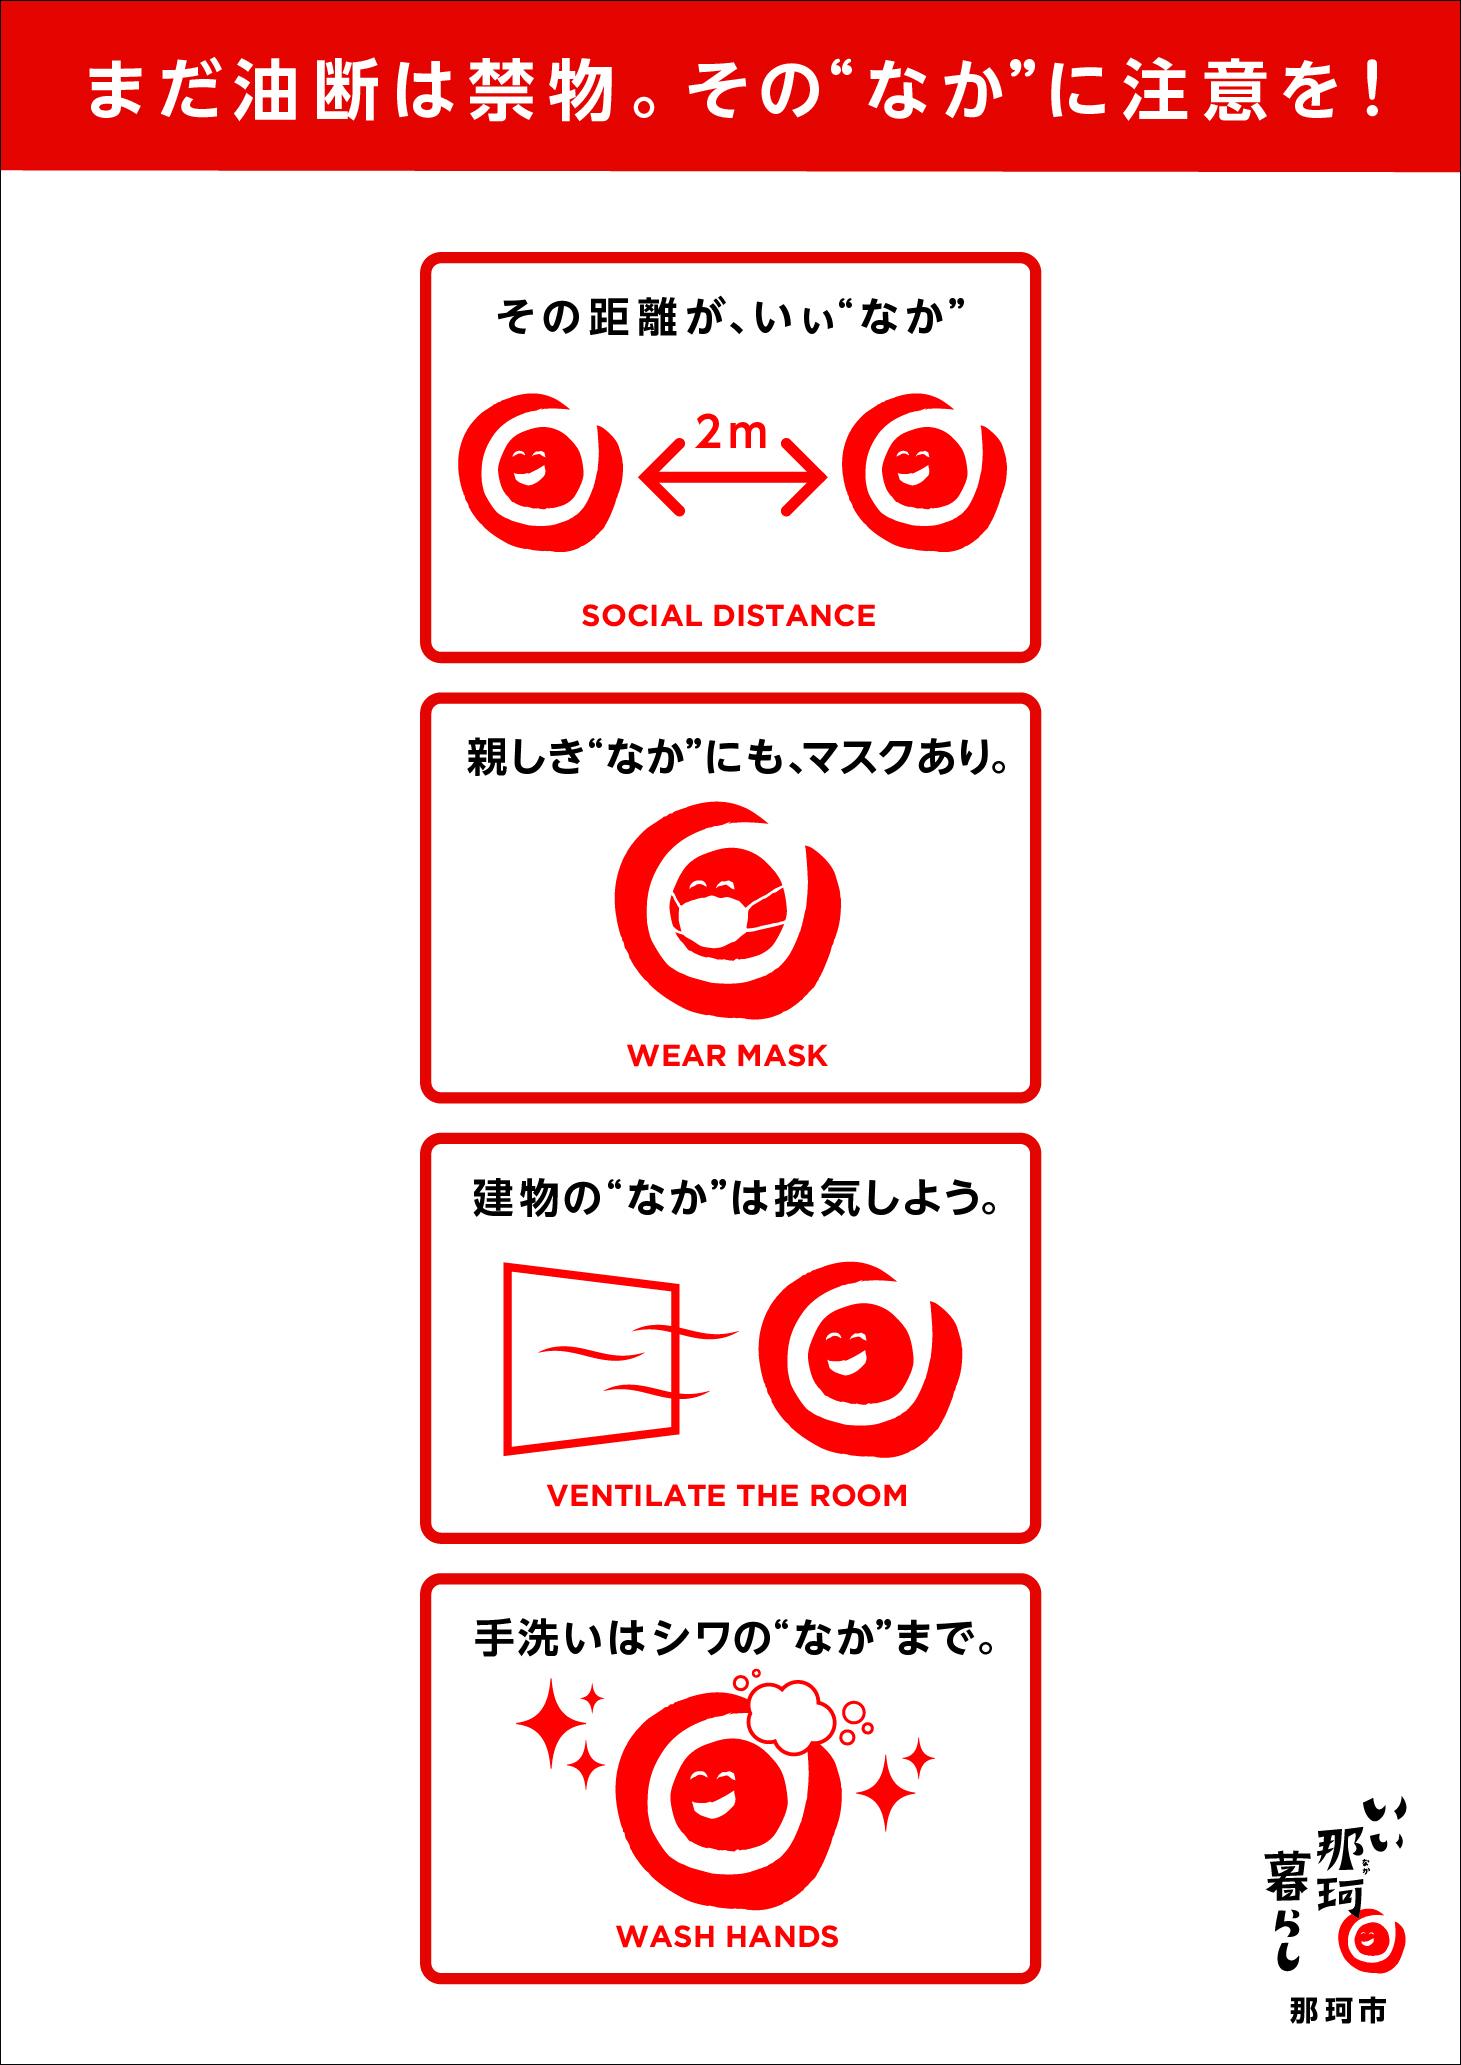 いぃ那珂暮らしデザインセレクション4